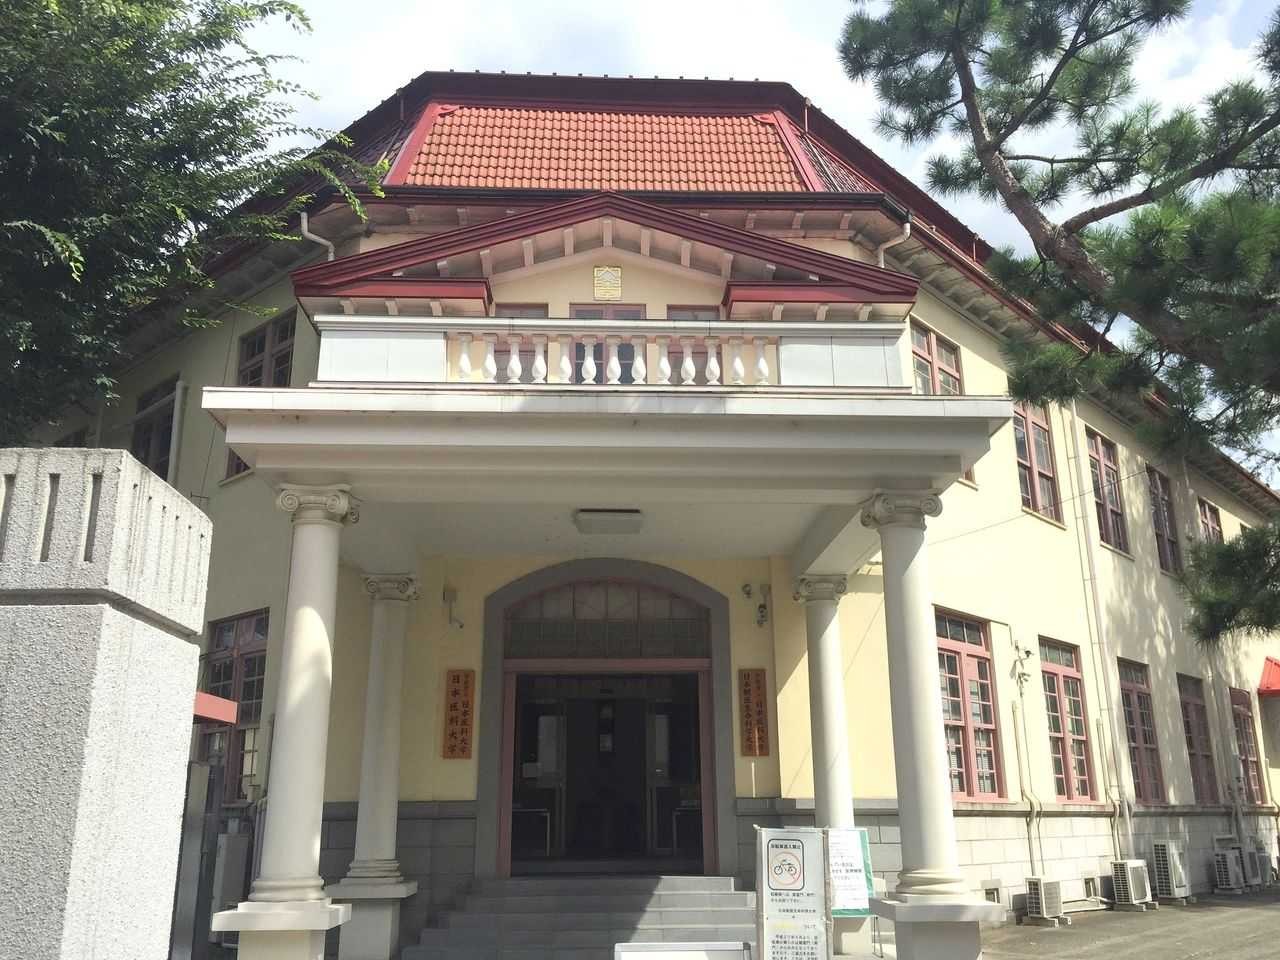 国の登録有形文化財(建造物)に登録されます、武蔵野市